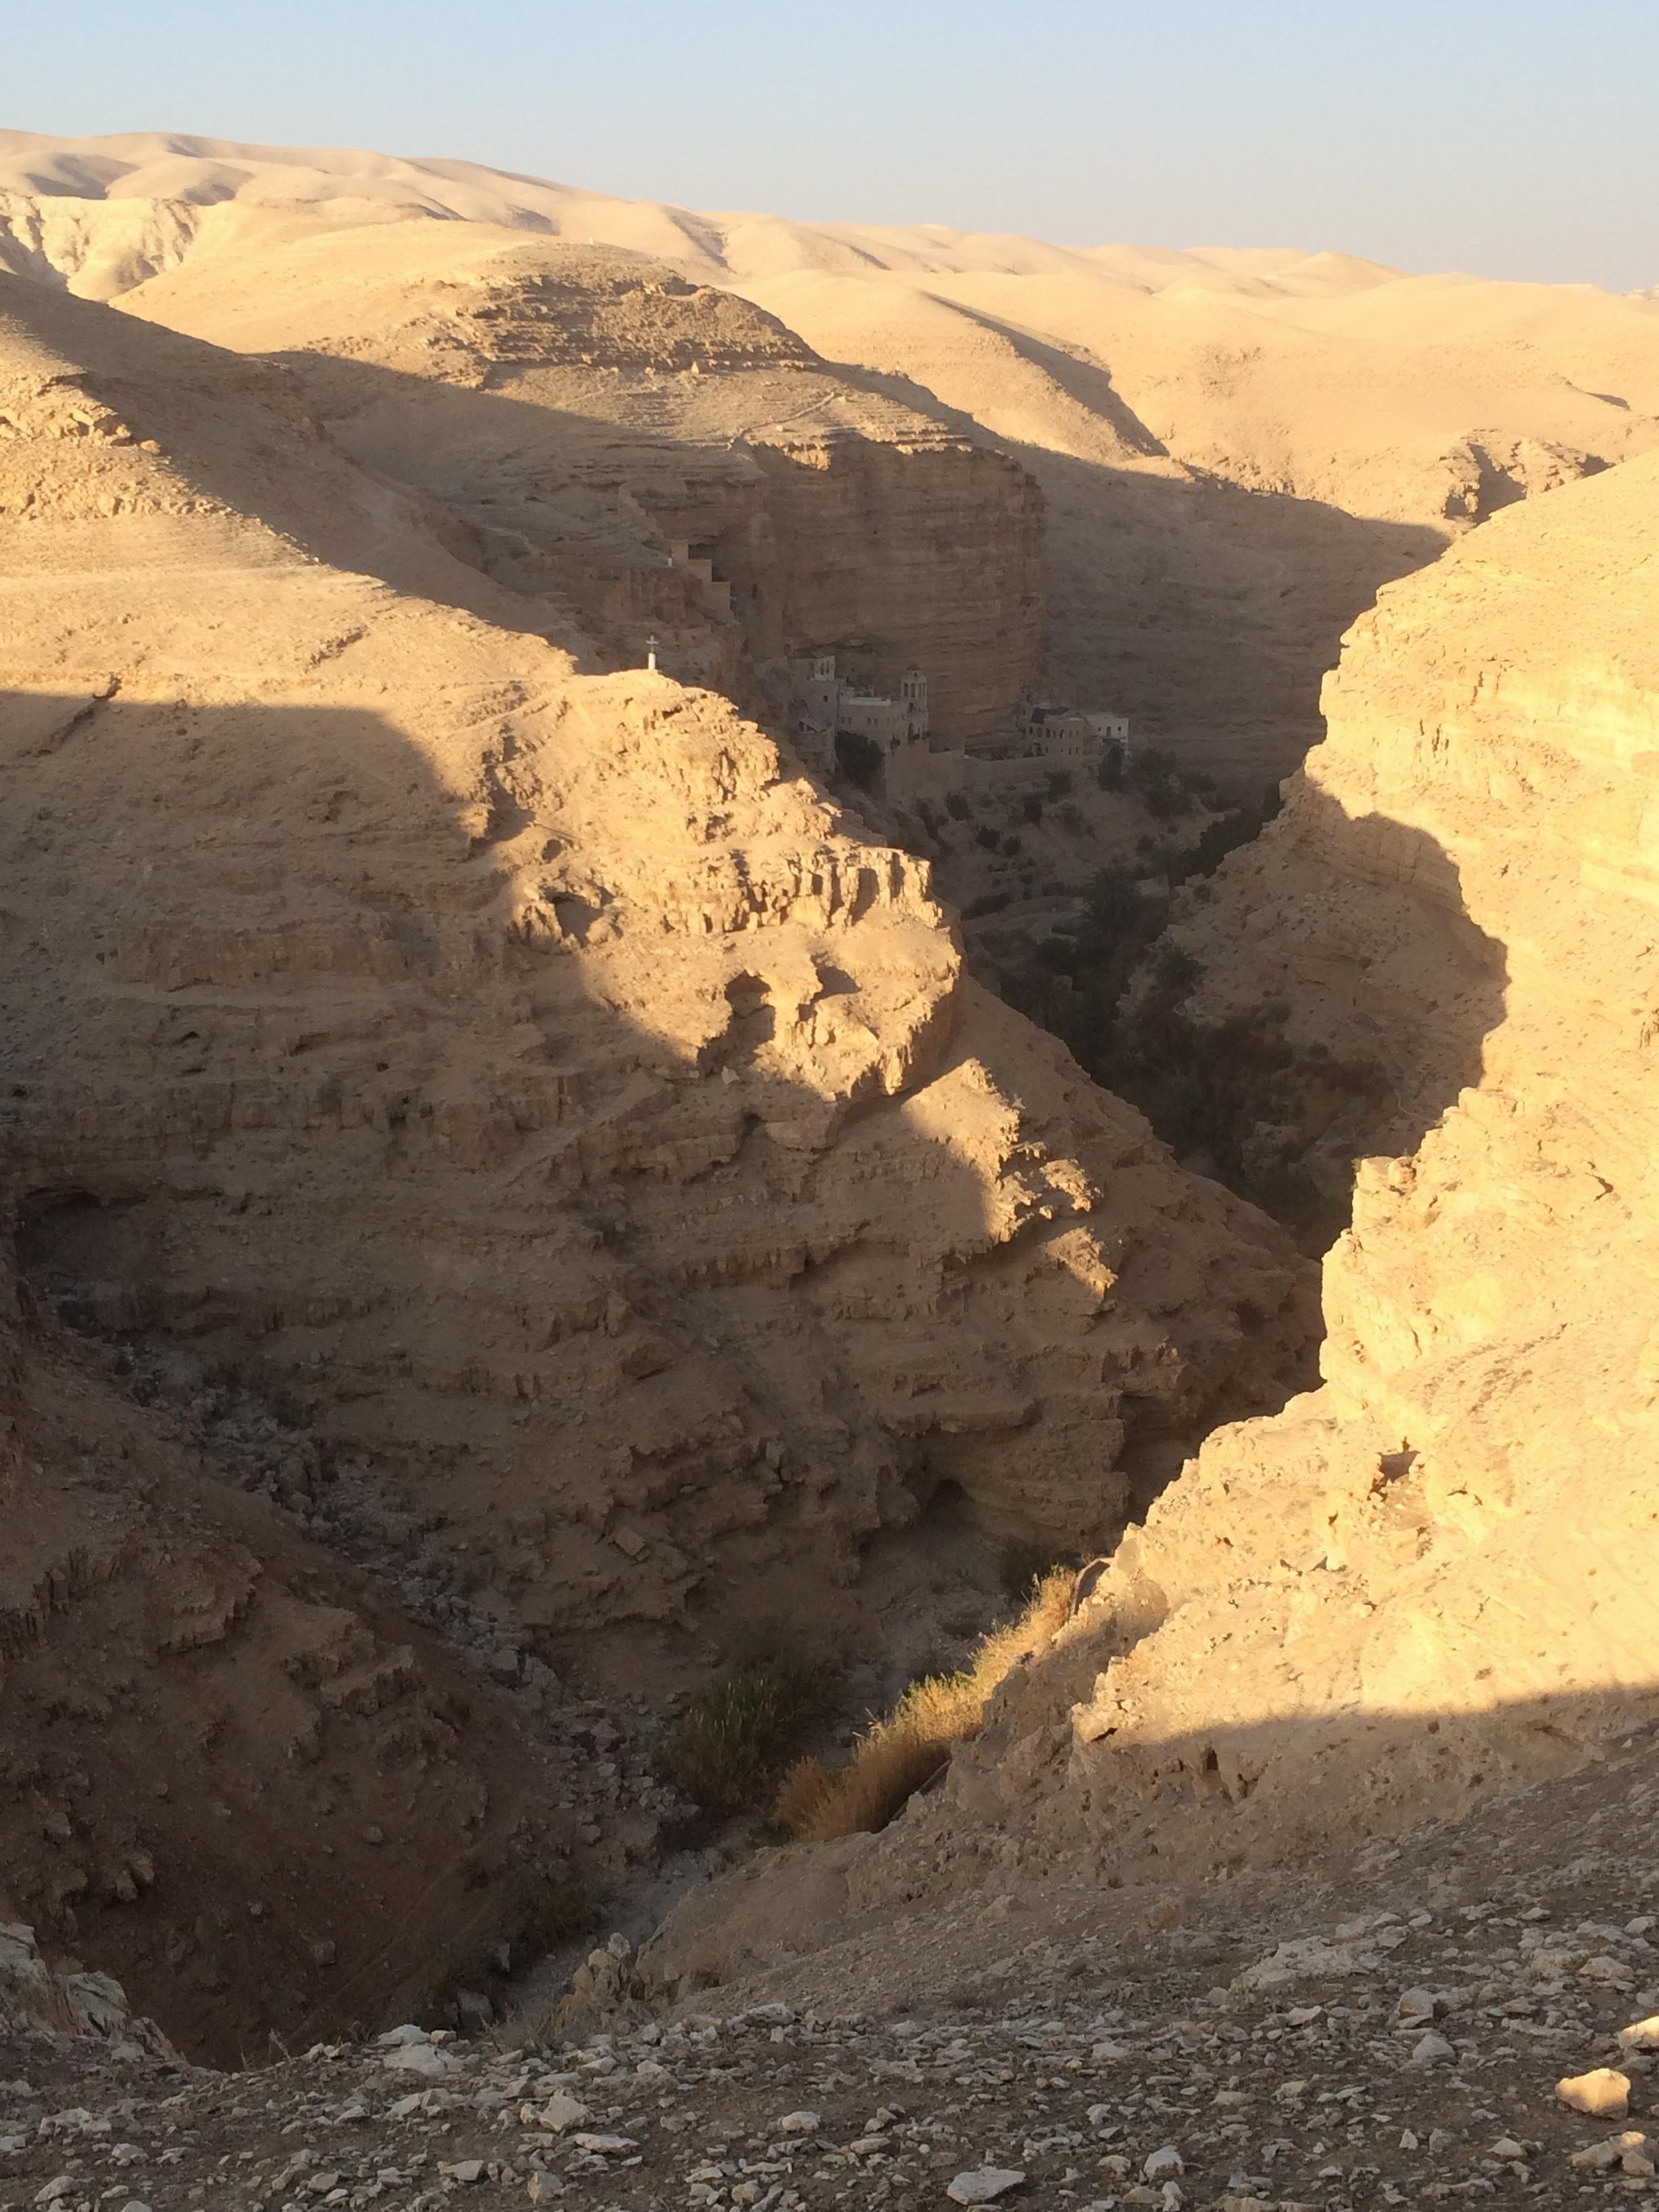 Road of the Good Samaritan